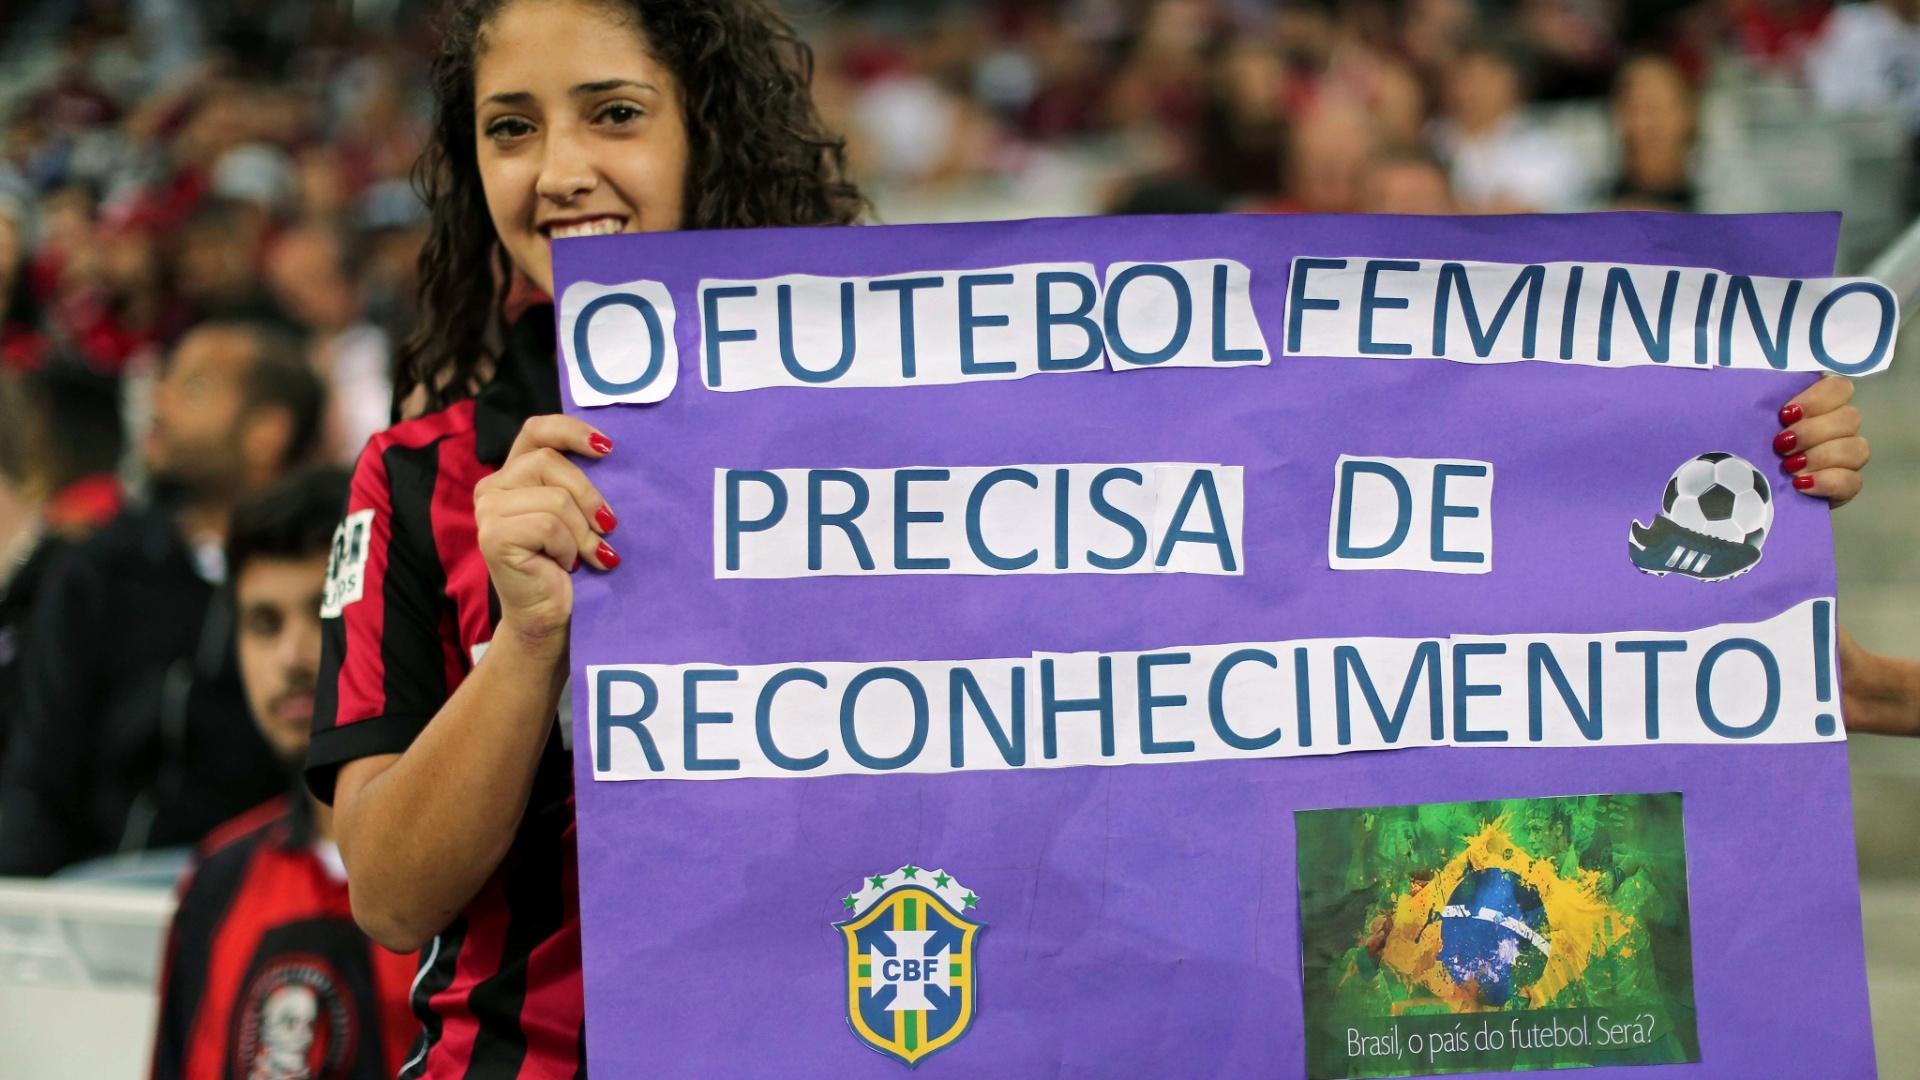 Torcedora do Furacão defende o futebol feminino em cartaz na Arena da Baixada